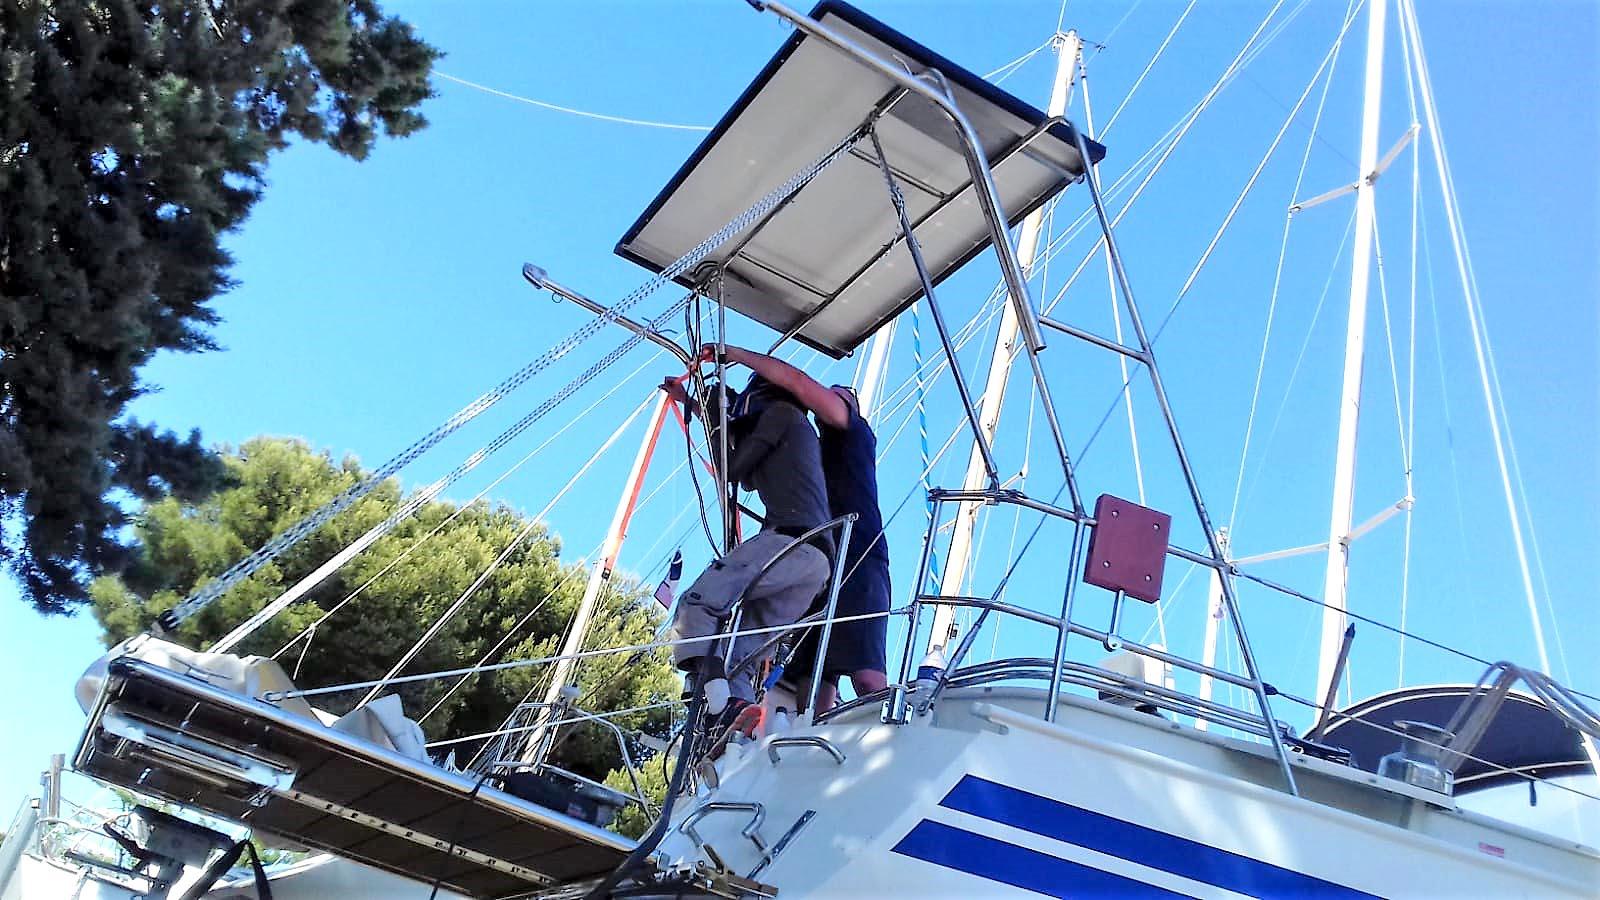 Inox-N'go-ferronnier-Marseille-support inox bateau-04